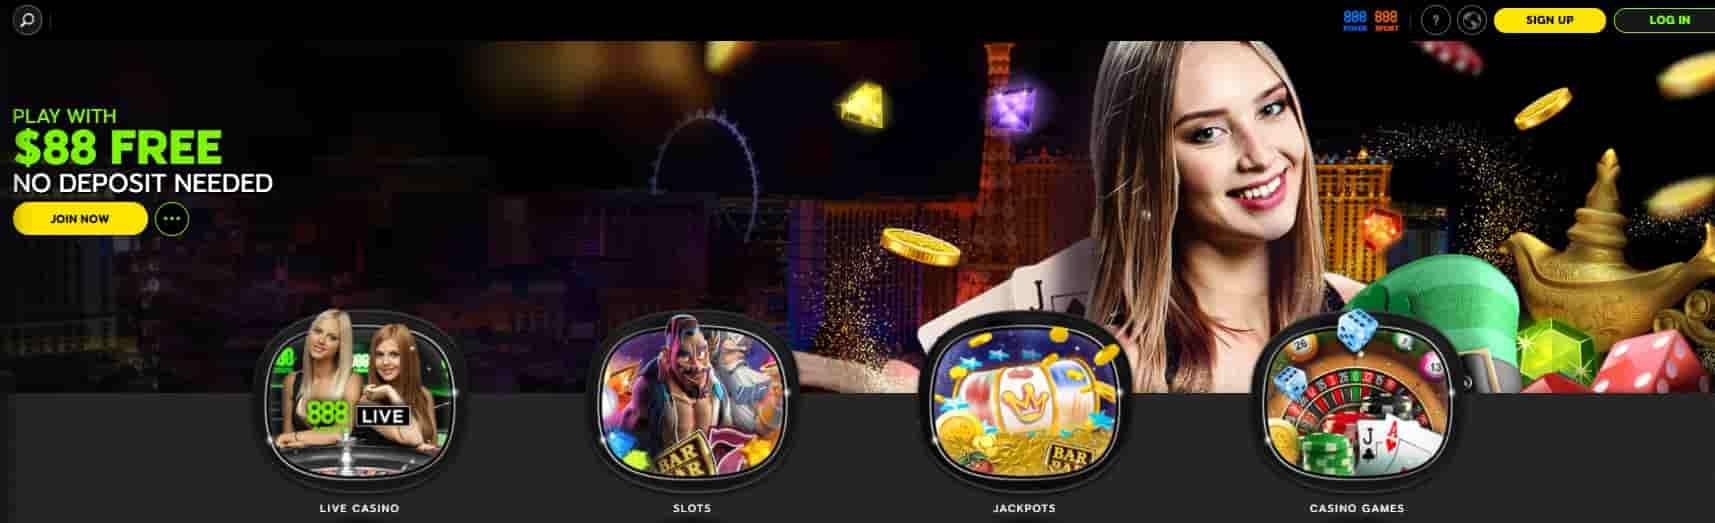 888 Casino Canada Review For 2021 Ca 88 No Deposit Bonus